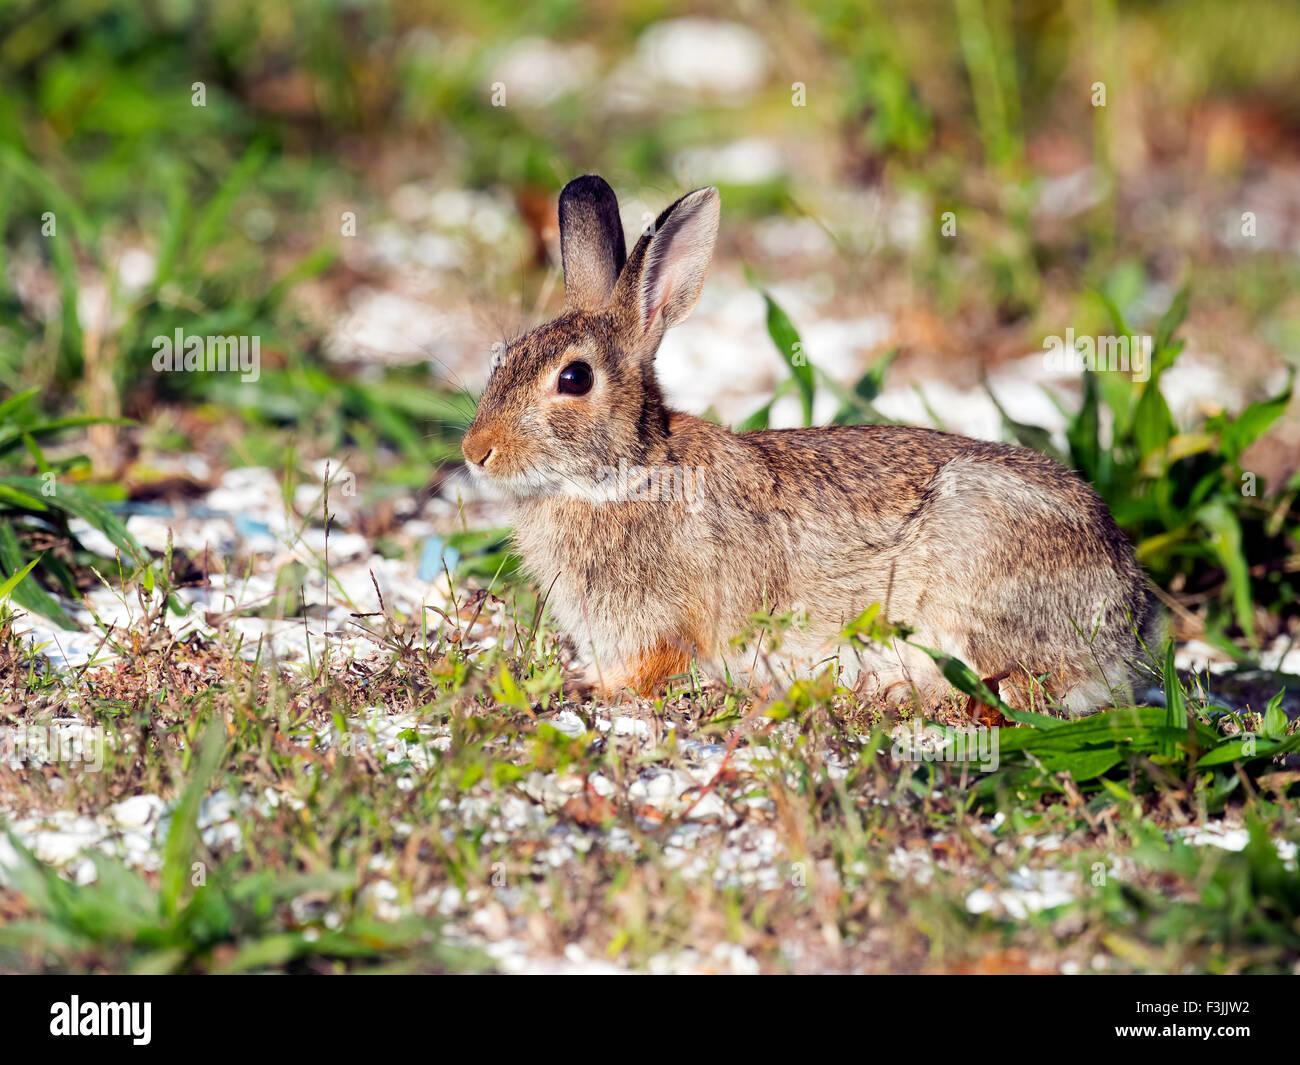 Cottontail Rabbit Imagen De Stock